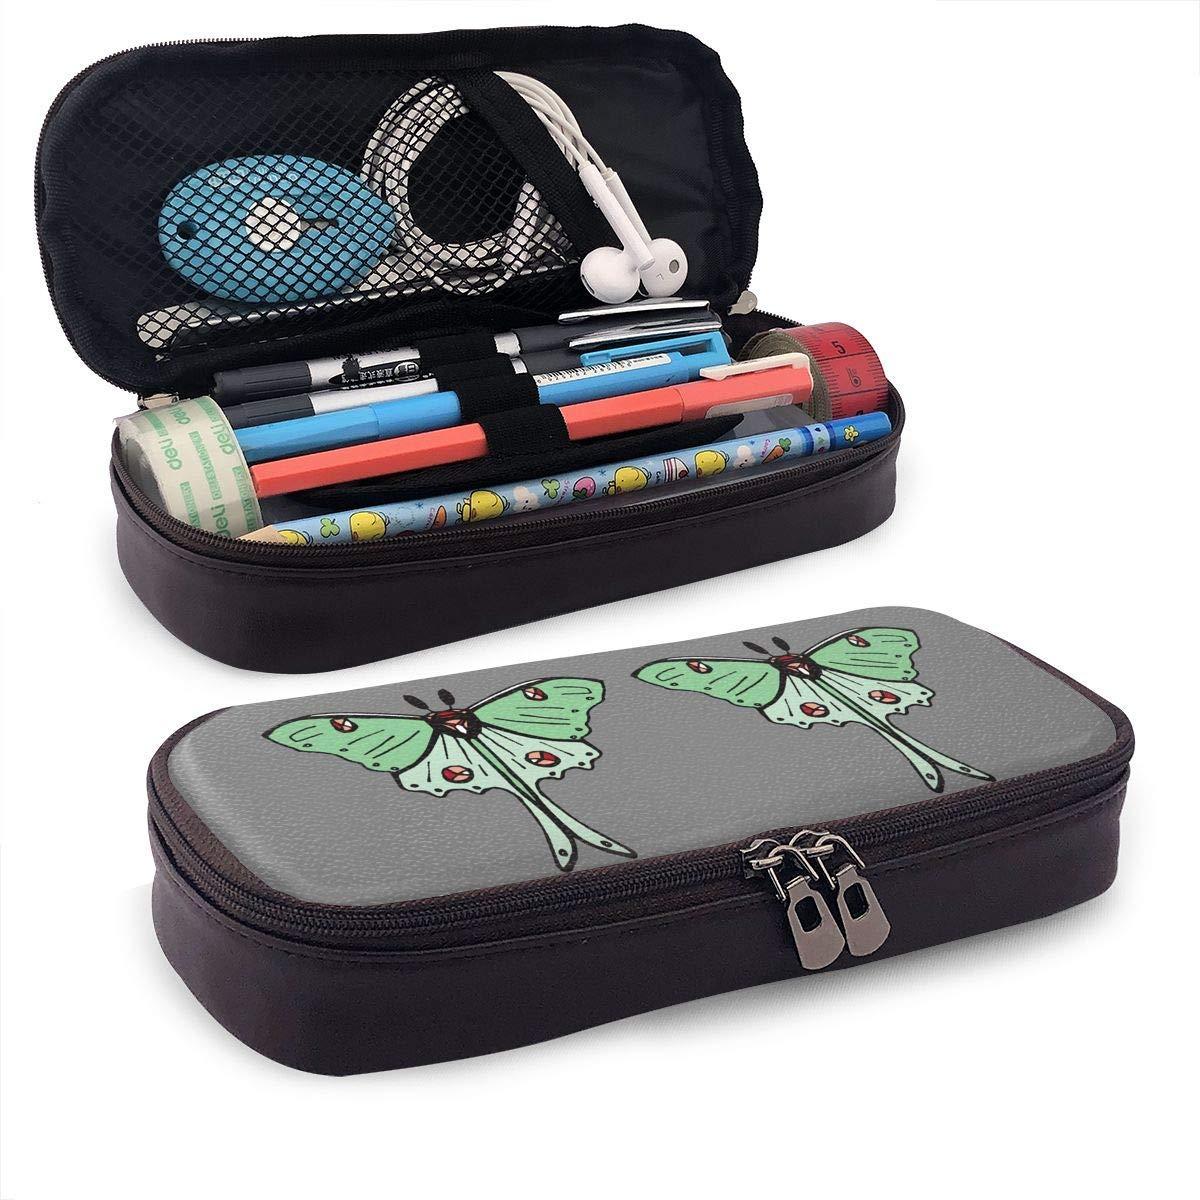 Polilla de Luna de piel caja de lápiz de la pluma de cremalleras bolsa de Escuela y Oficina: Amazon.es: Oficina y papelería